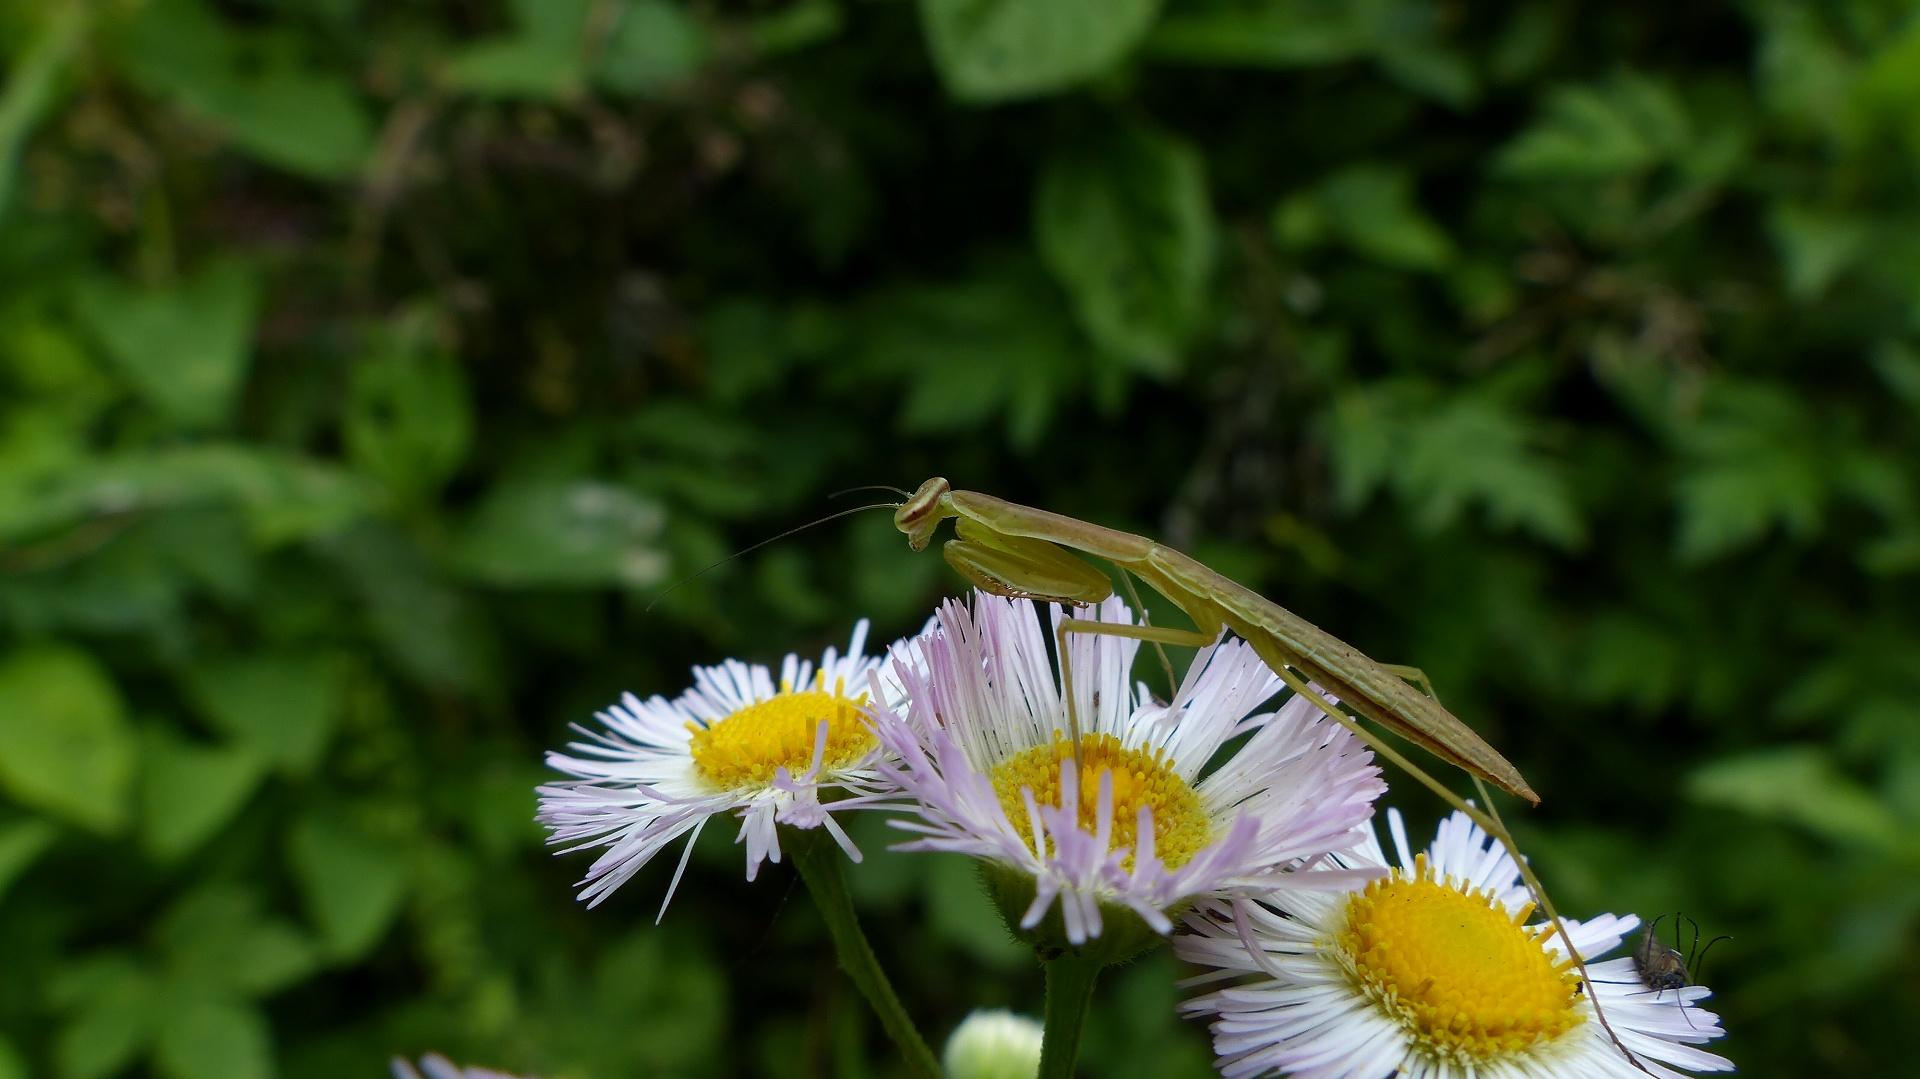 昆虫の森シリーズ 蟷螂(とうろう)_a0185081_12371140.jpg